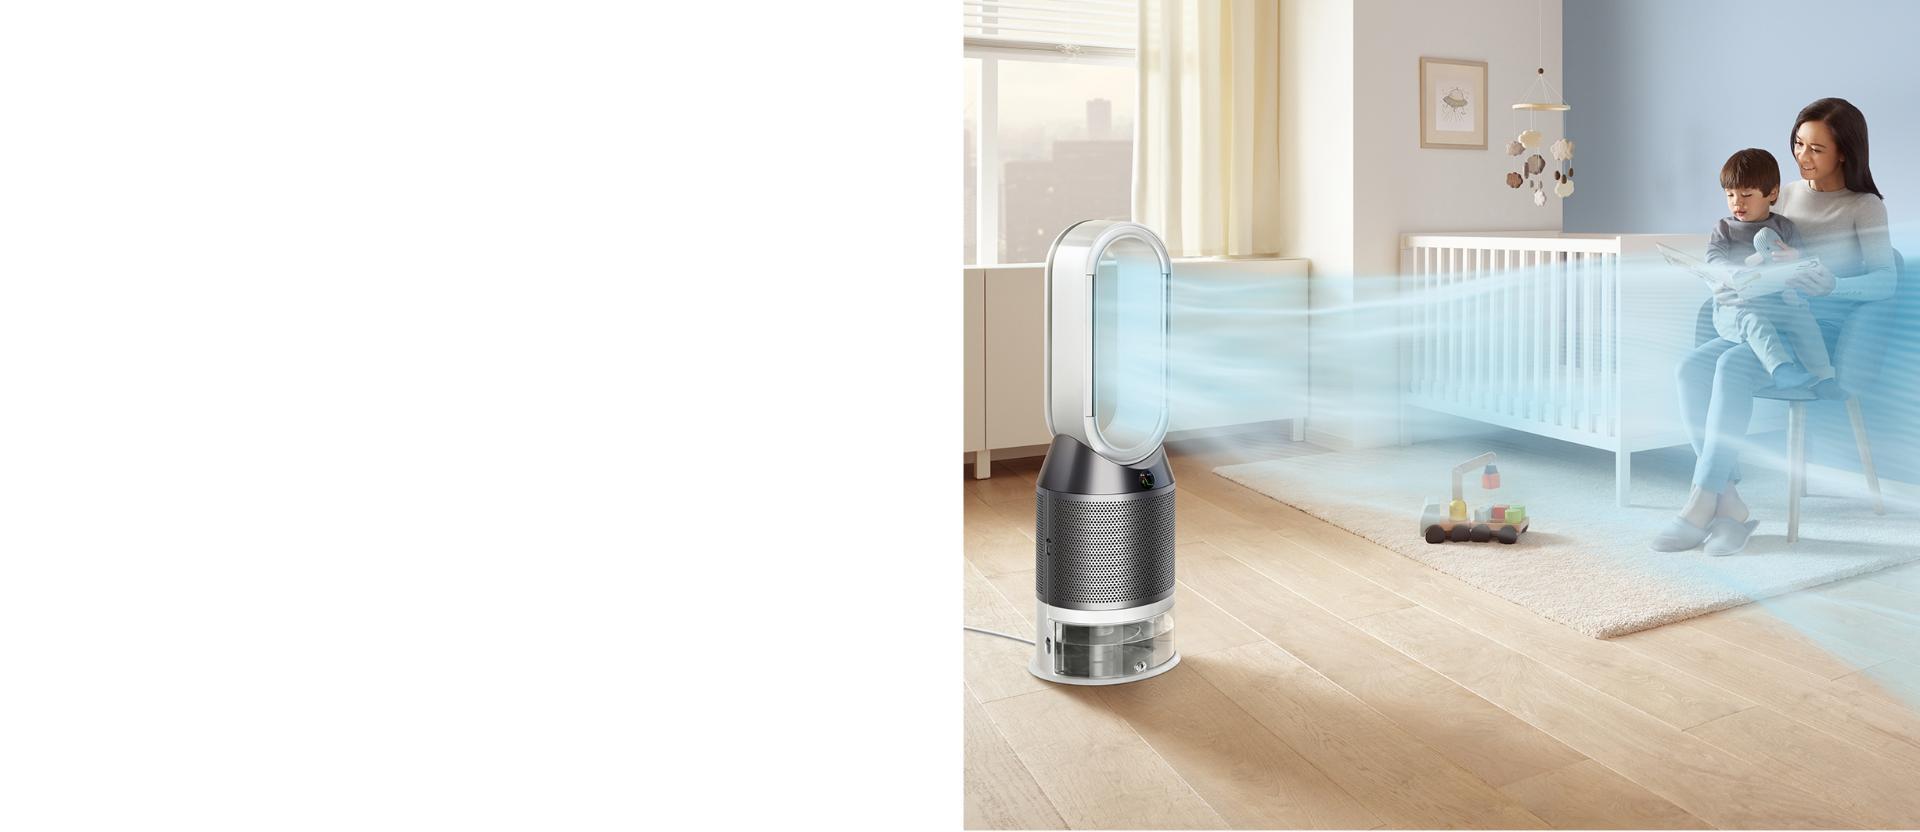 Dyson Pure Humidify+Cool çocuk odasına temizlenmiş ve nemlendirilmiş havayı dağıtıyor.